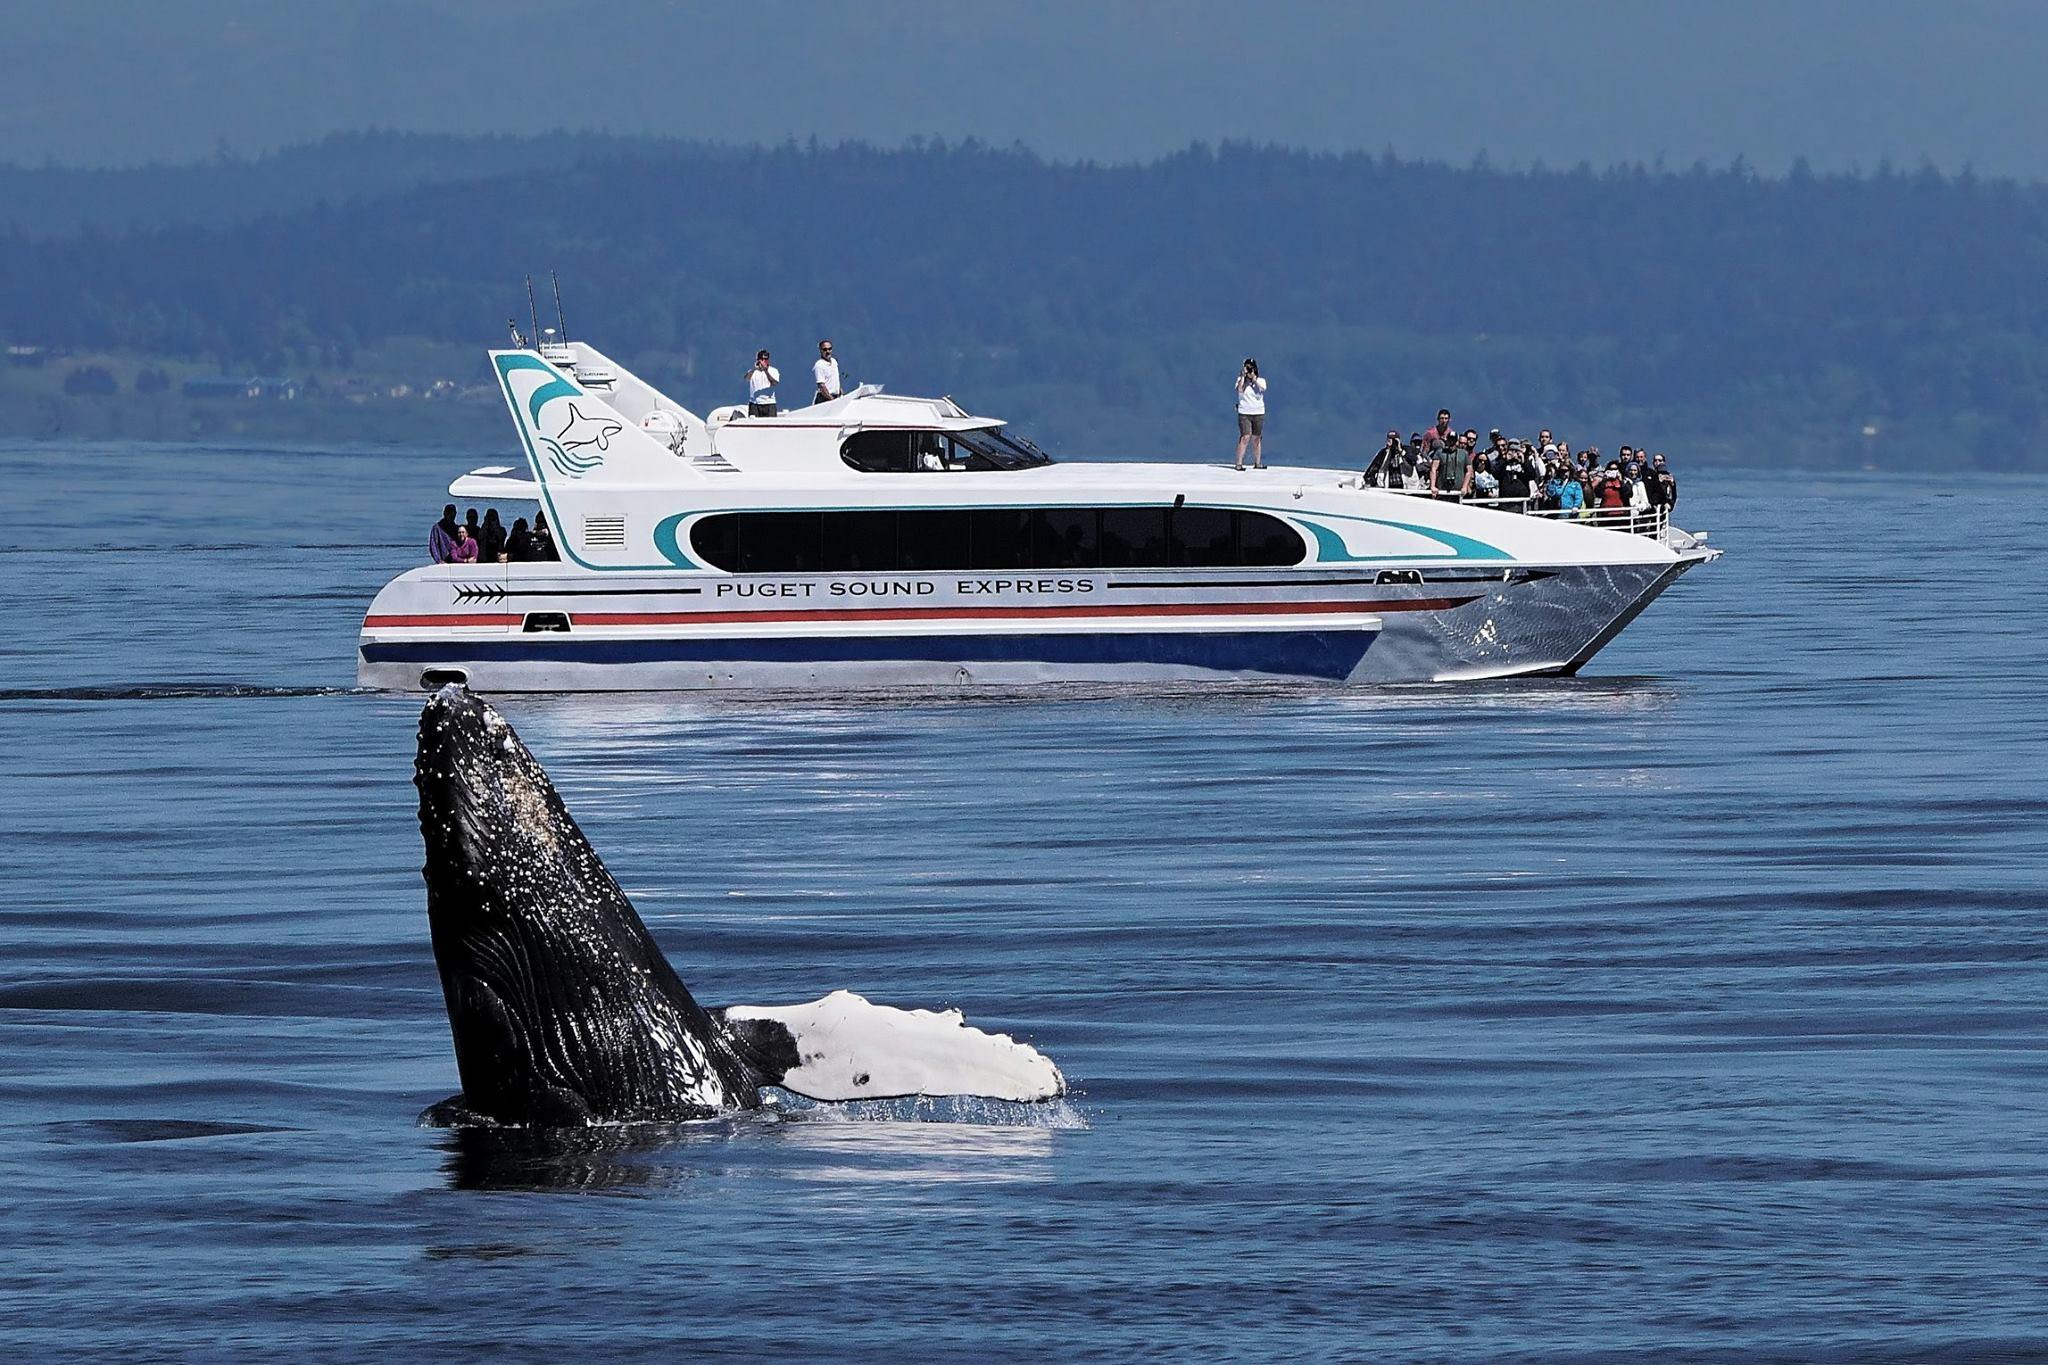 Photo c/o Puget Sound Express